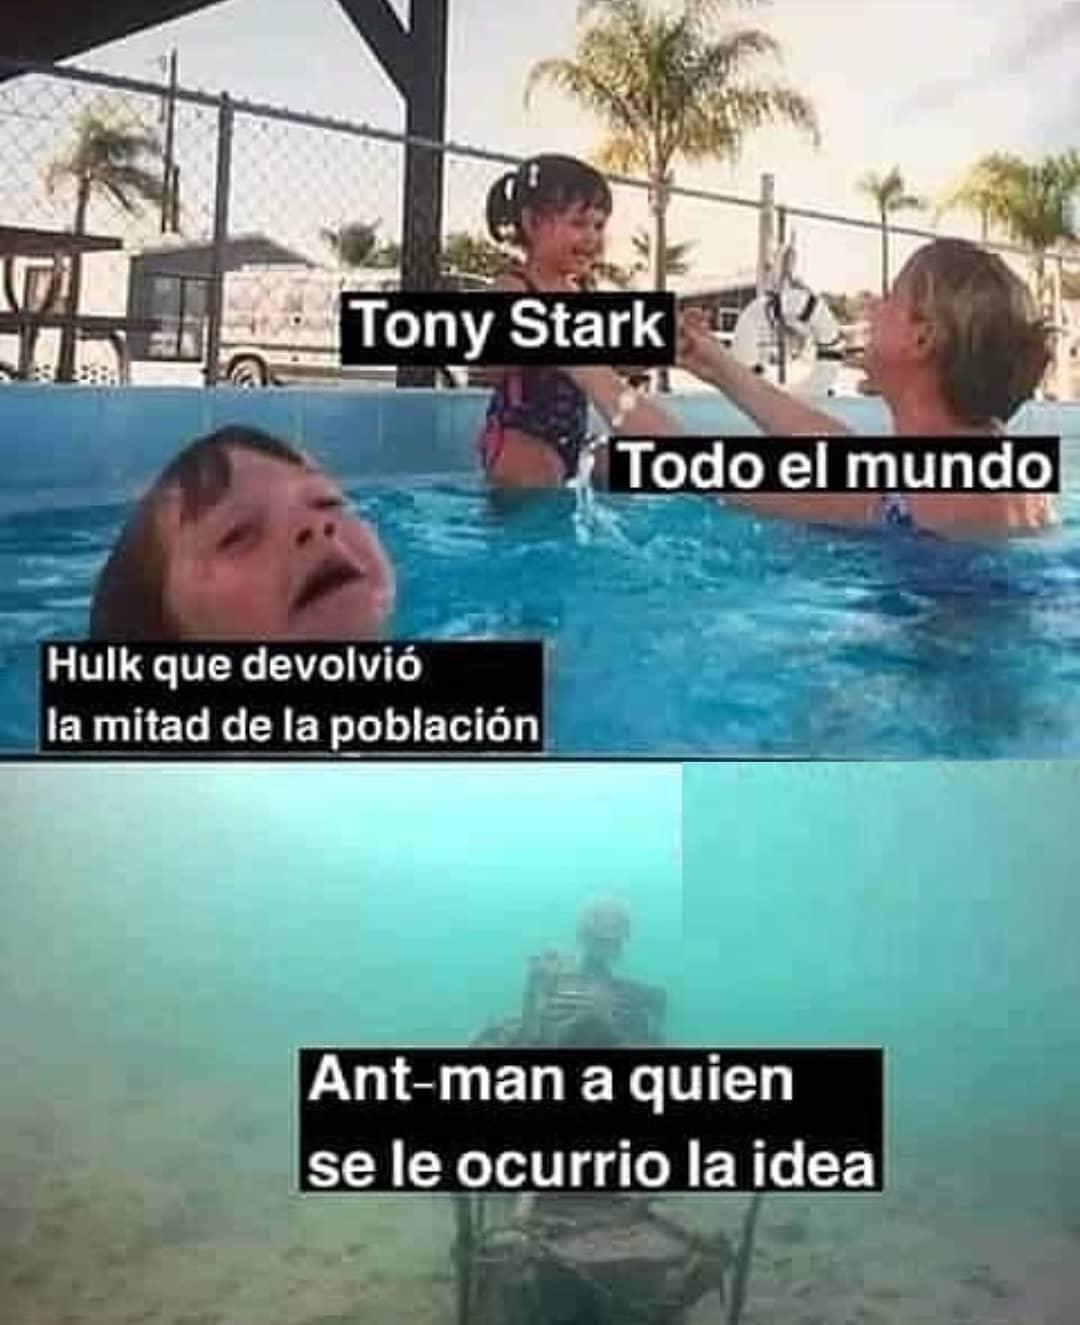 Tony Stark. Todo el mundo. Hulk que devolvió la mitad de la población. Ant-man a quien se le ocurrió la idea.